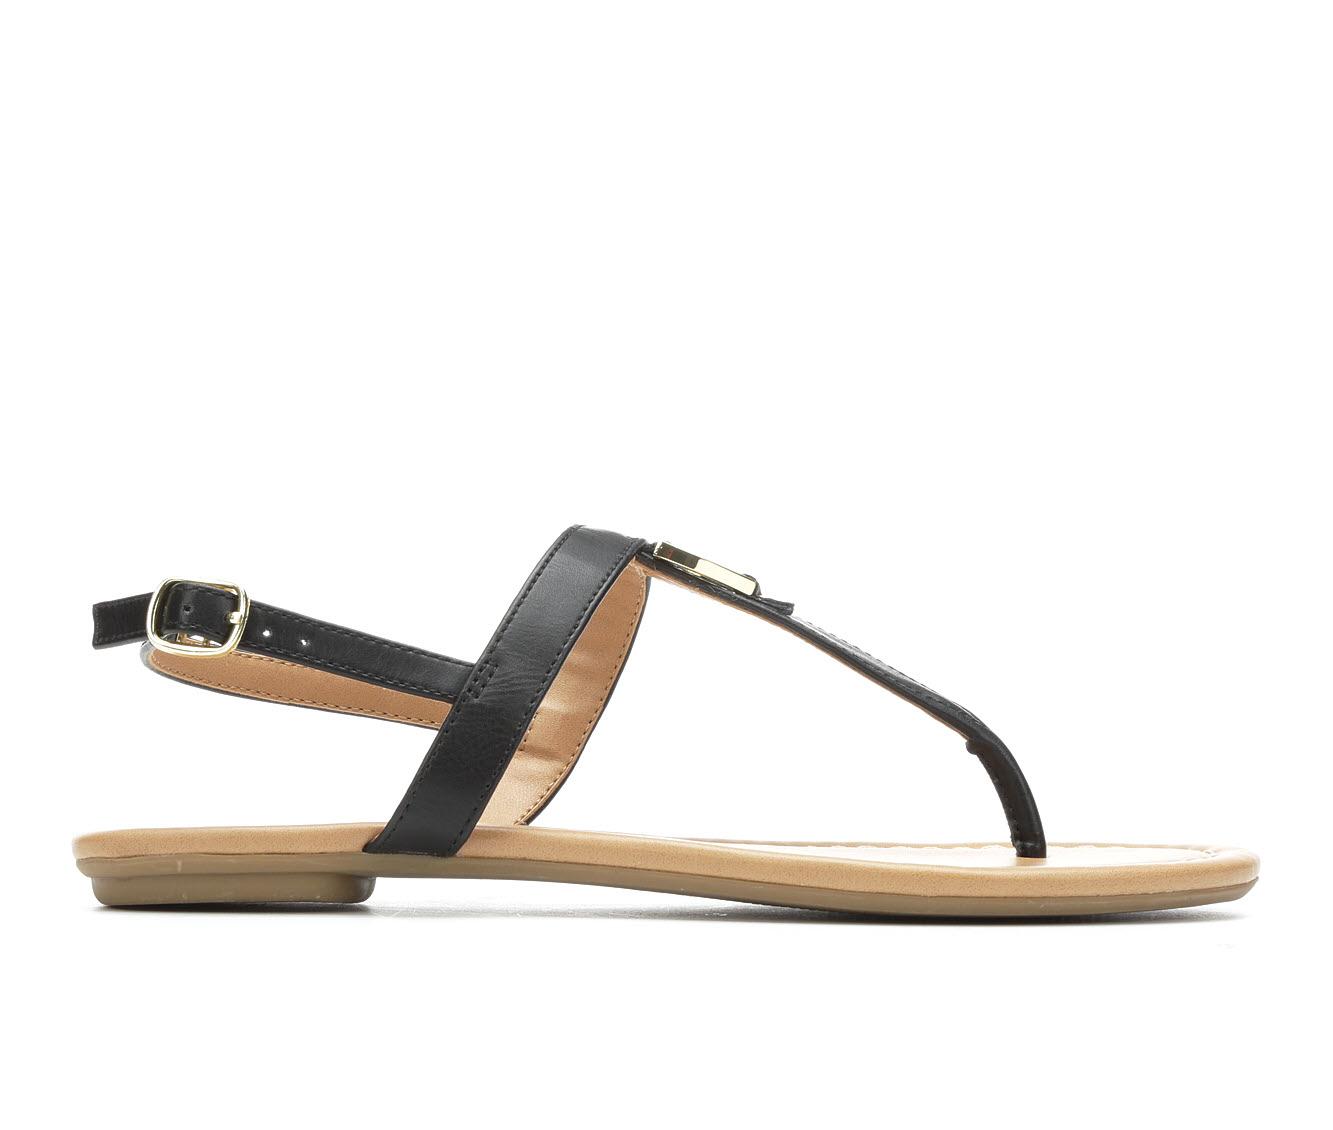 Solanz Gallant Women's Sandal (Black Faux Leather)